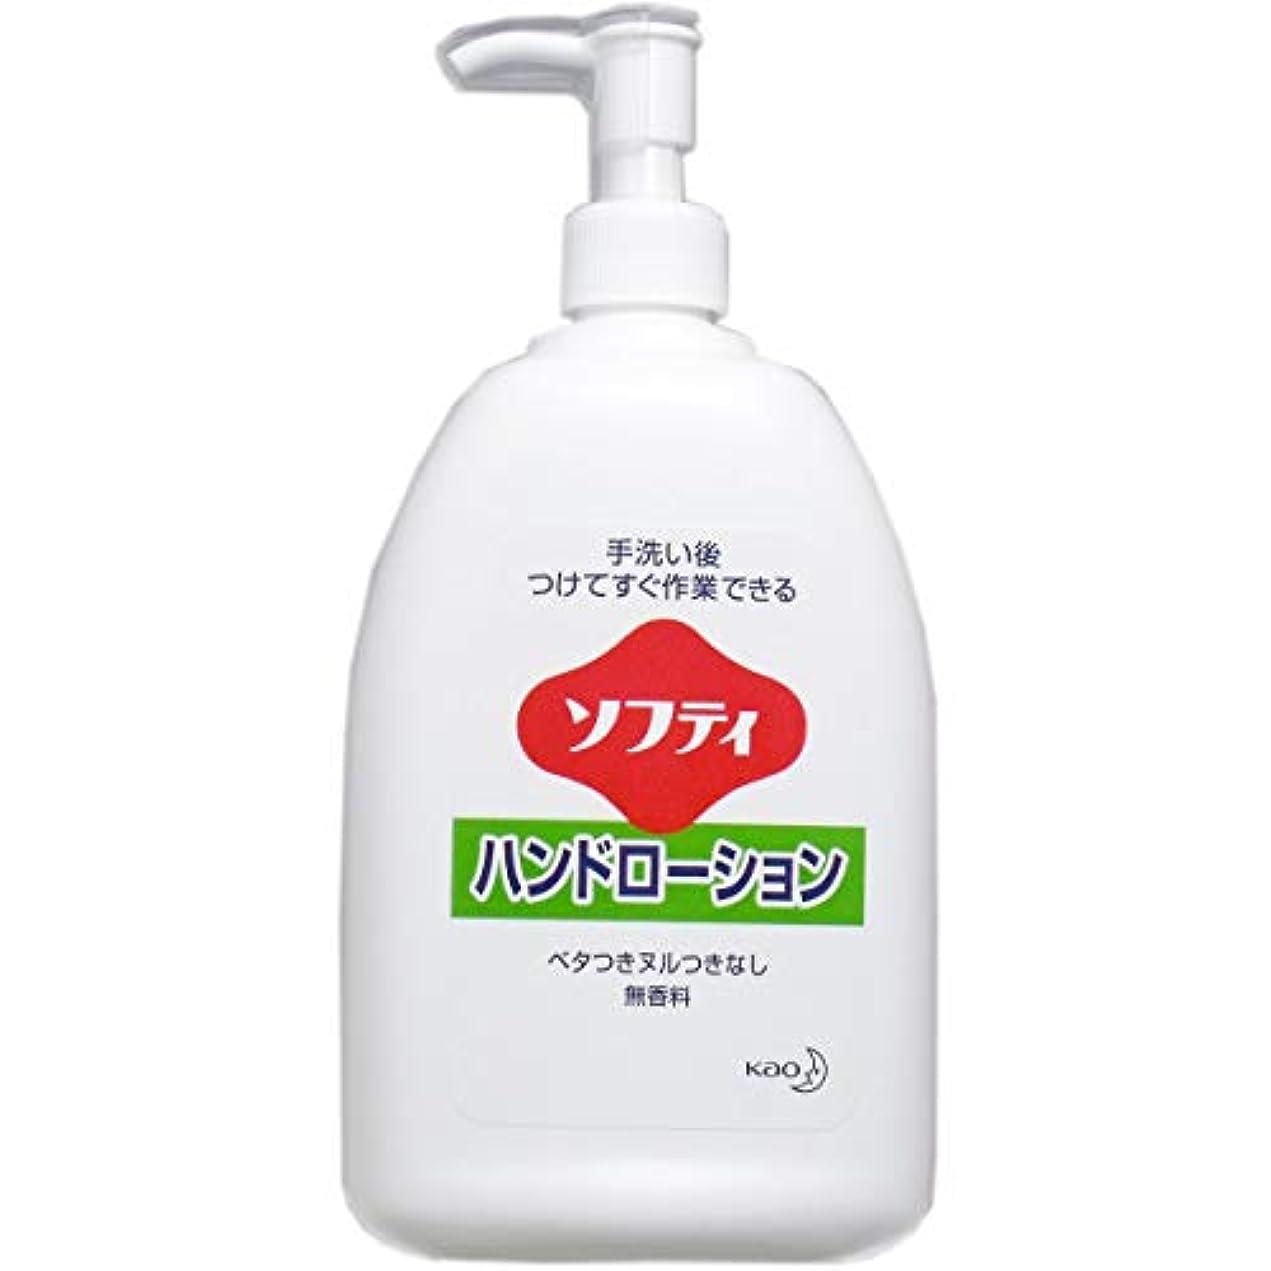 ロッド届ける貧困花王ソフティ ハンドローション 無香料 550mL×2個セット